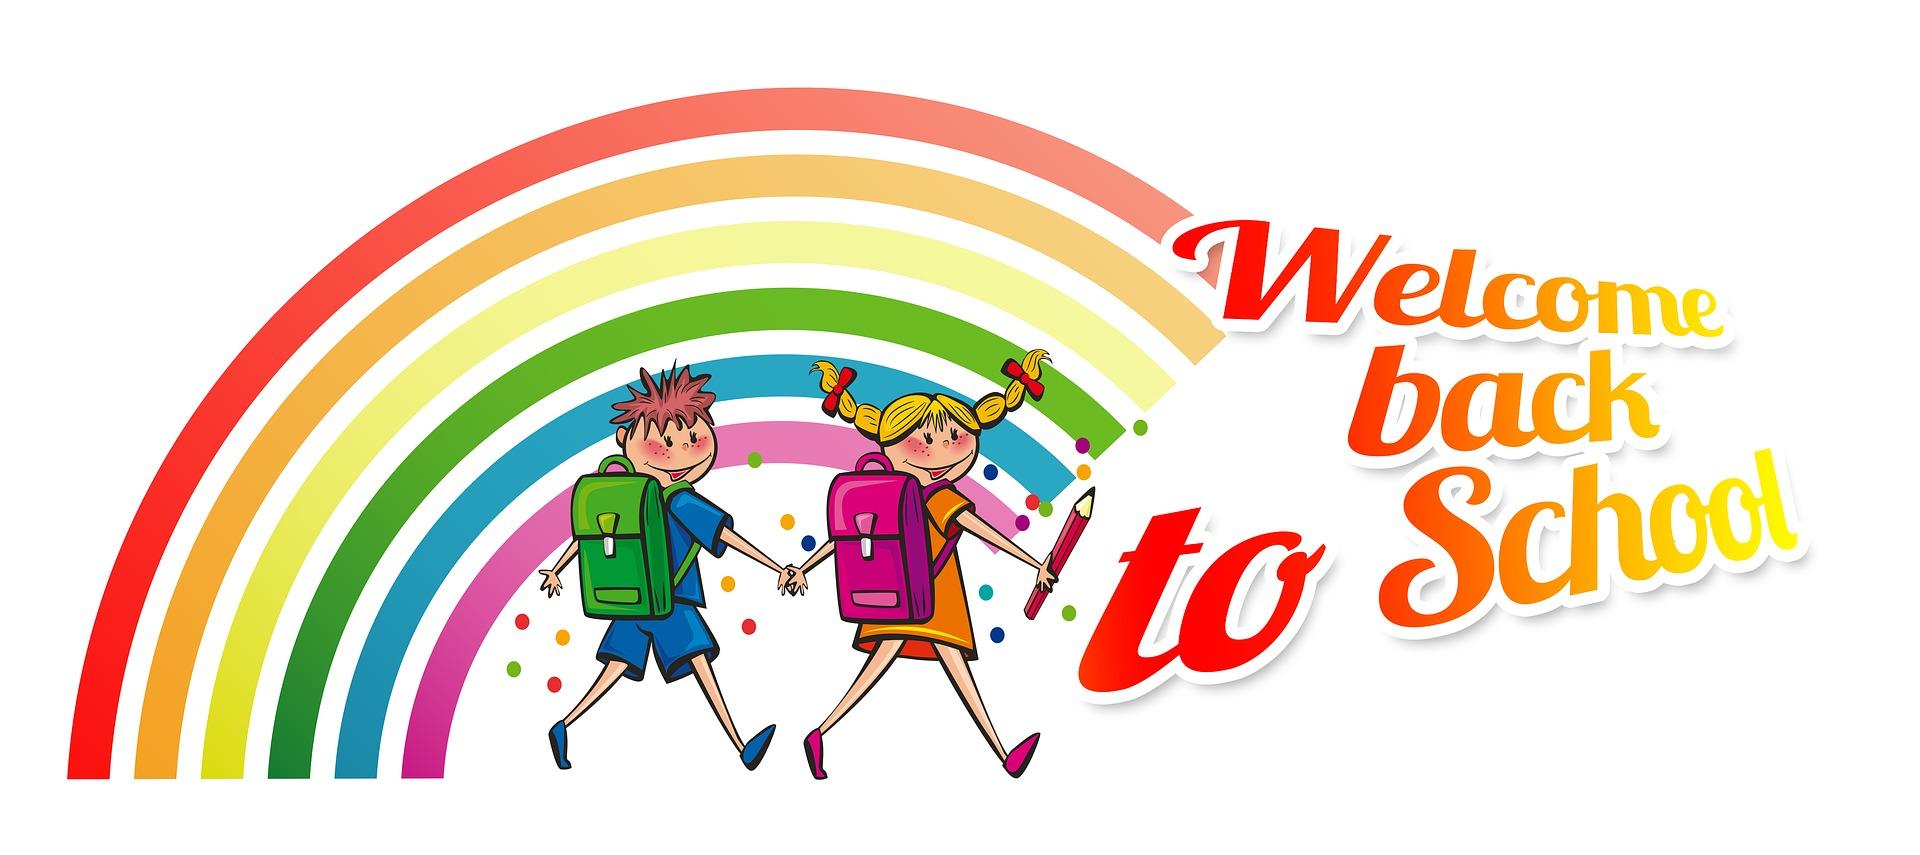 school-1575835_1920